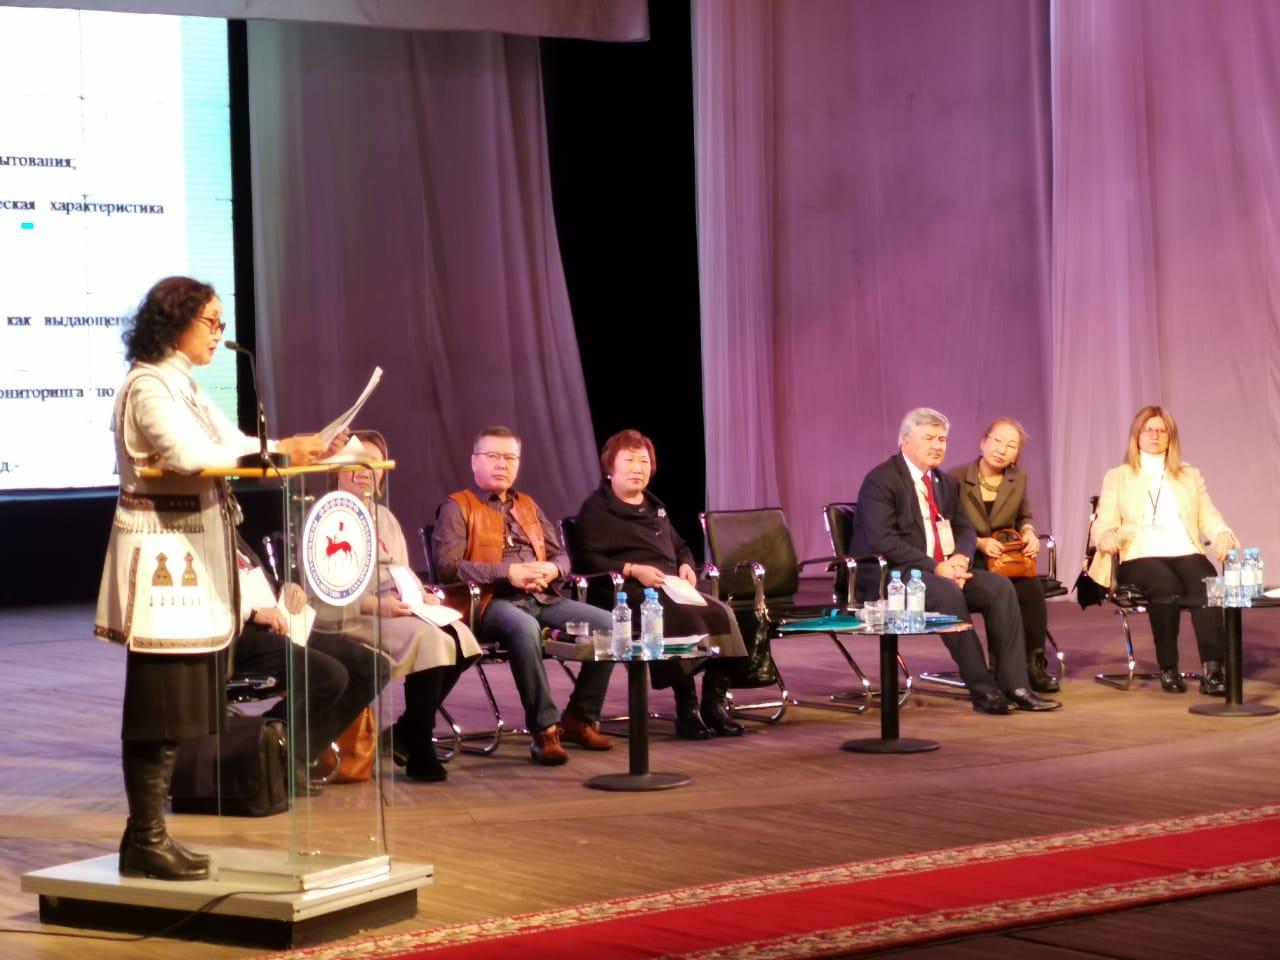 Сохранение, изучение и развитие. В Якутске проходит конференция, посвященная эпосу Олонхо